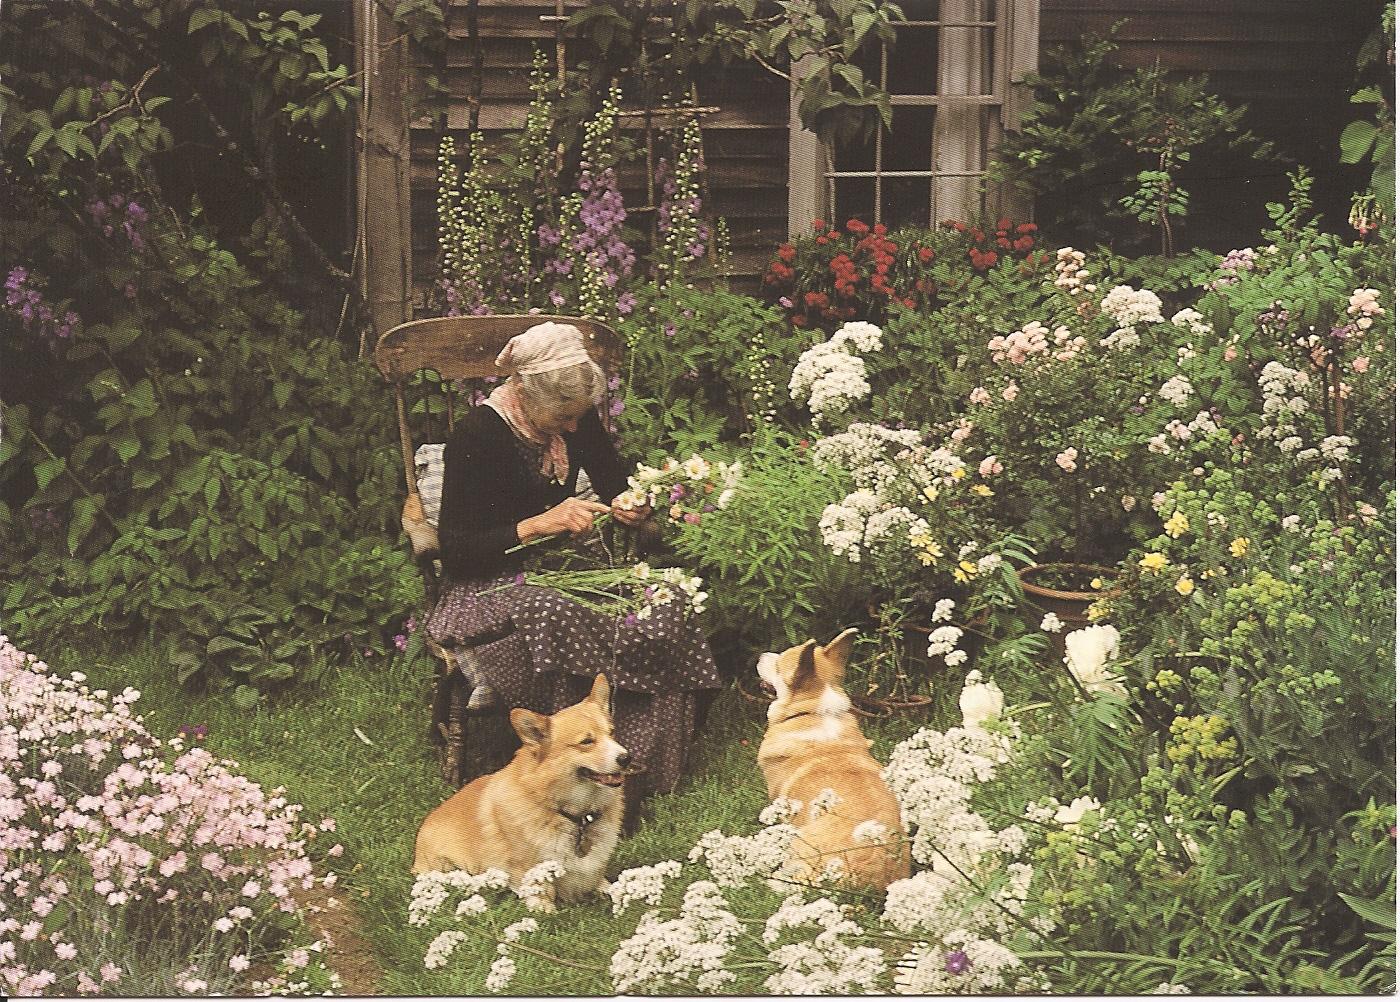 Cuộc sống an yên của cụ bà 92 tuổi bên khu vườn tự tay trồng hoa, rau quả ở vùng thôn quê - Ảnh 6.